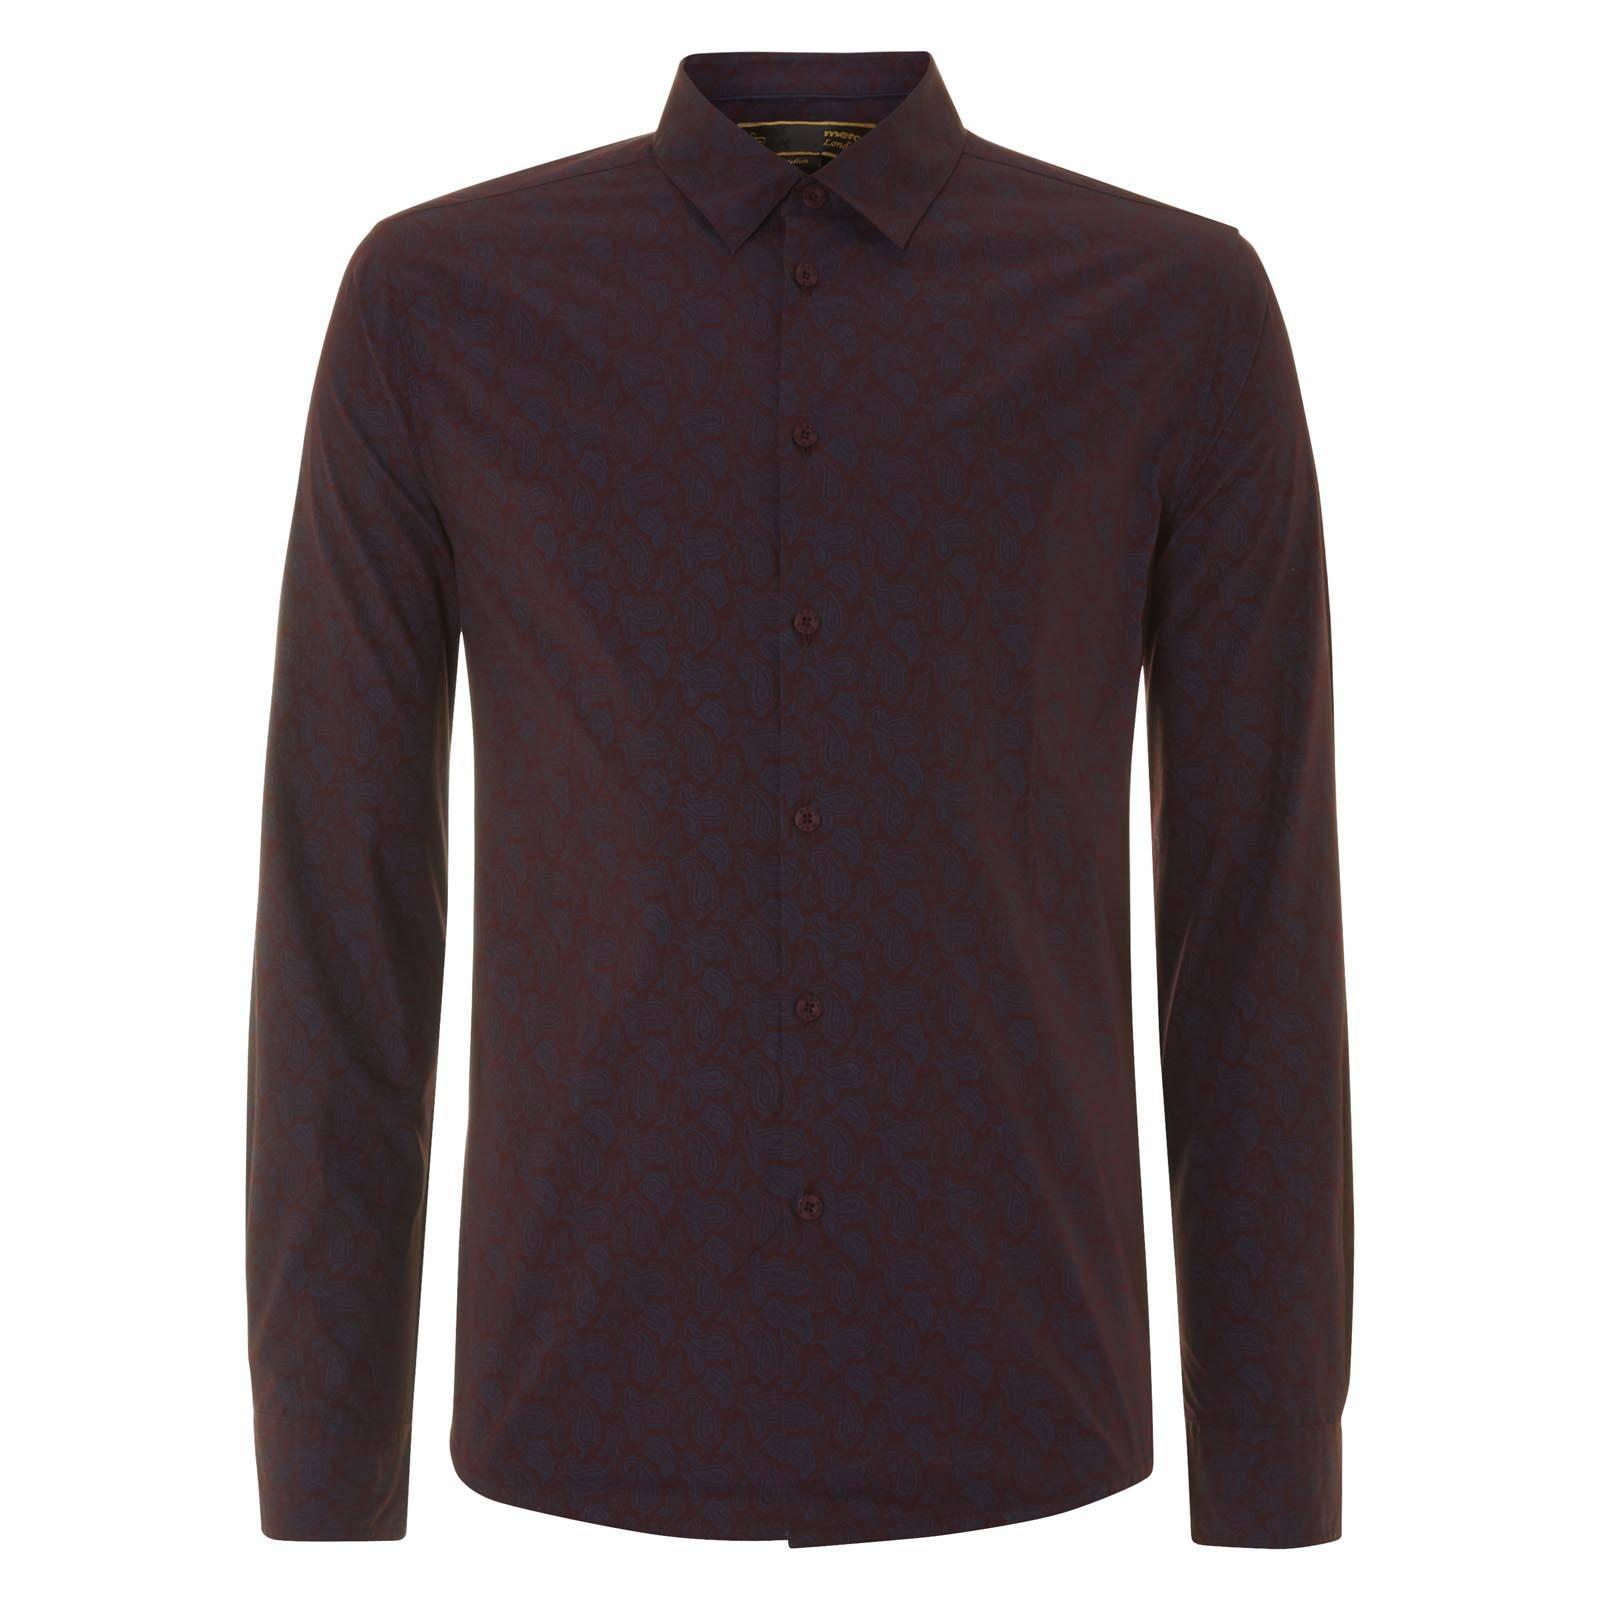 Рубашка YorkРубашки<br>Приталенного покроя мужская рубашка с благородным классическим орнаментом «пейсли» и универсальным отложным воротником  «Кент», концы которого направлены вниз, образуя между собой острый треугольник.  Воротник этого типа оптимален для большинства галстуков или бабочек. Рубашка имеет фигурный низ с удлиненной спинкой, позволяющей комфортно заправлять ее в брюки, однако красиво смотрится и при ношении навыпуск.  Эта элегантная модель будет уместна как в фешенебельном smart casual луке в сочетании с прилегающим пиджаком и остроносыми ботинками Дерби на торжественном мероприятии или статусной встрече, так и в более демократичном варианте – с кардиганом на пуговицах,  V-образным свитером и брогами на ногах.<br><br>Артикул: 1514202<br>Материал: 100% хлопок<br>Цвет: темно-бордовый<br>Пол: Мужской